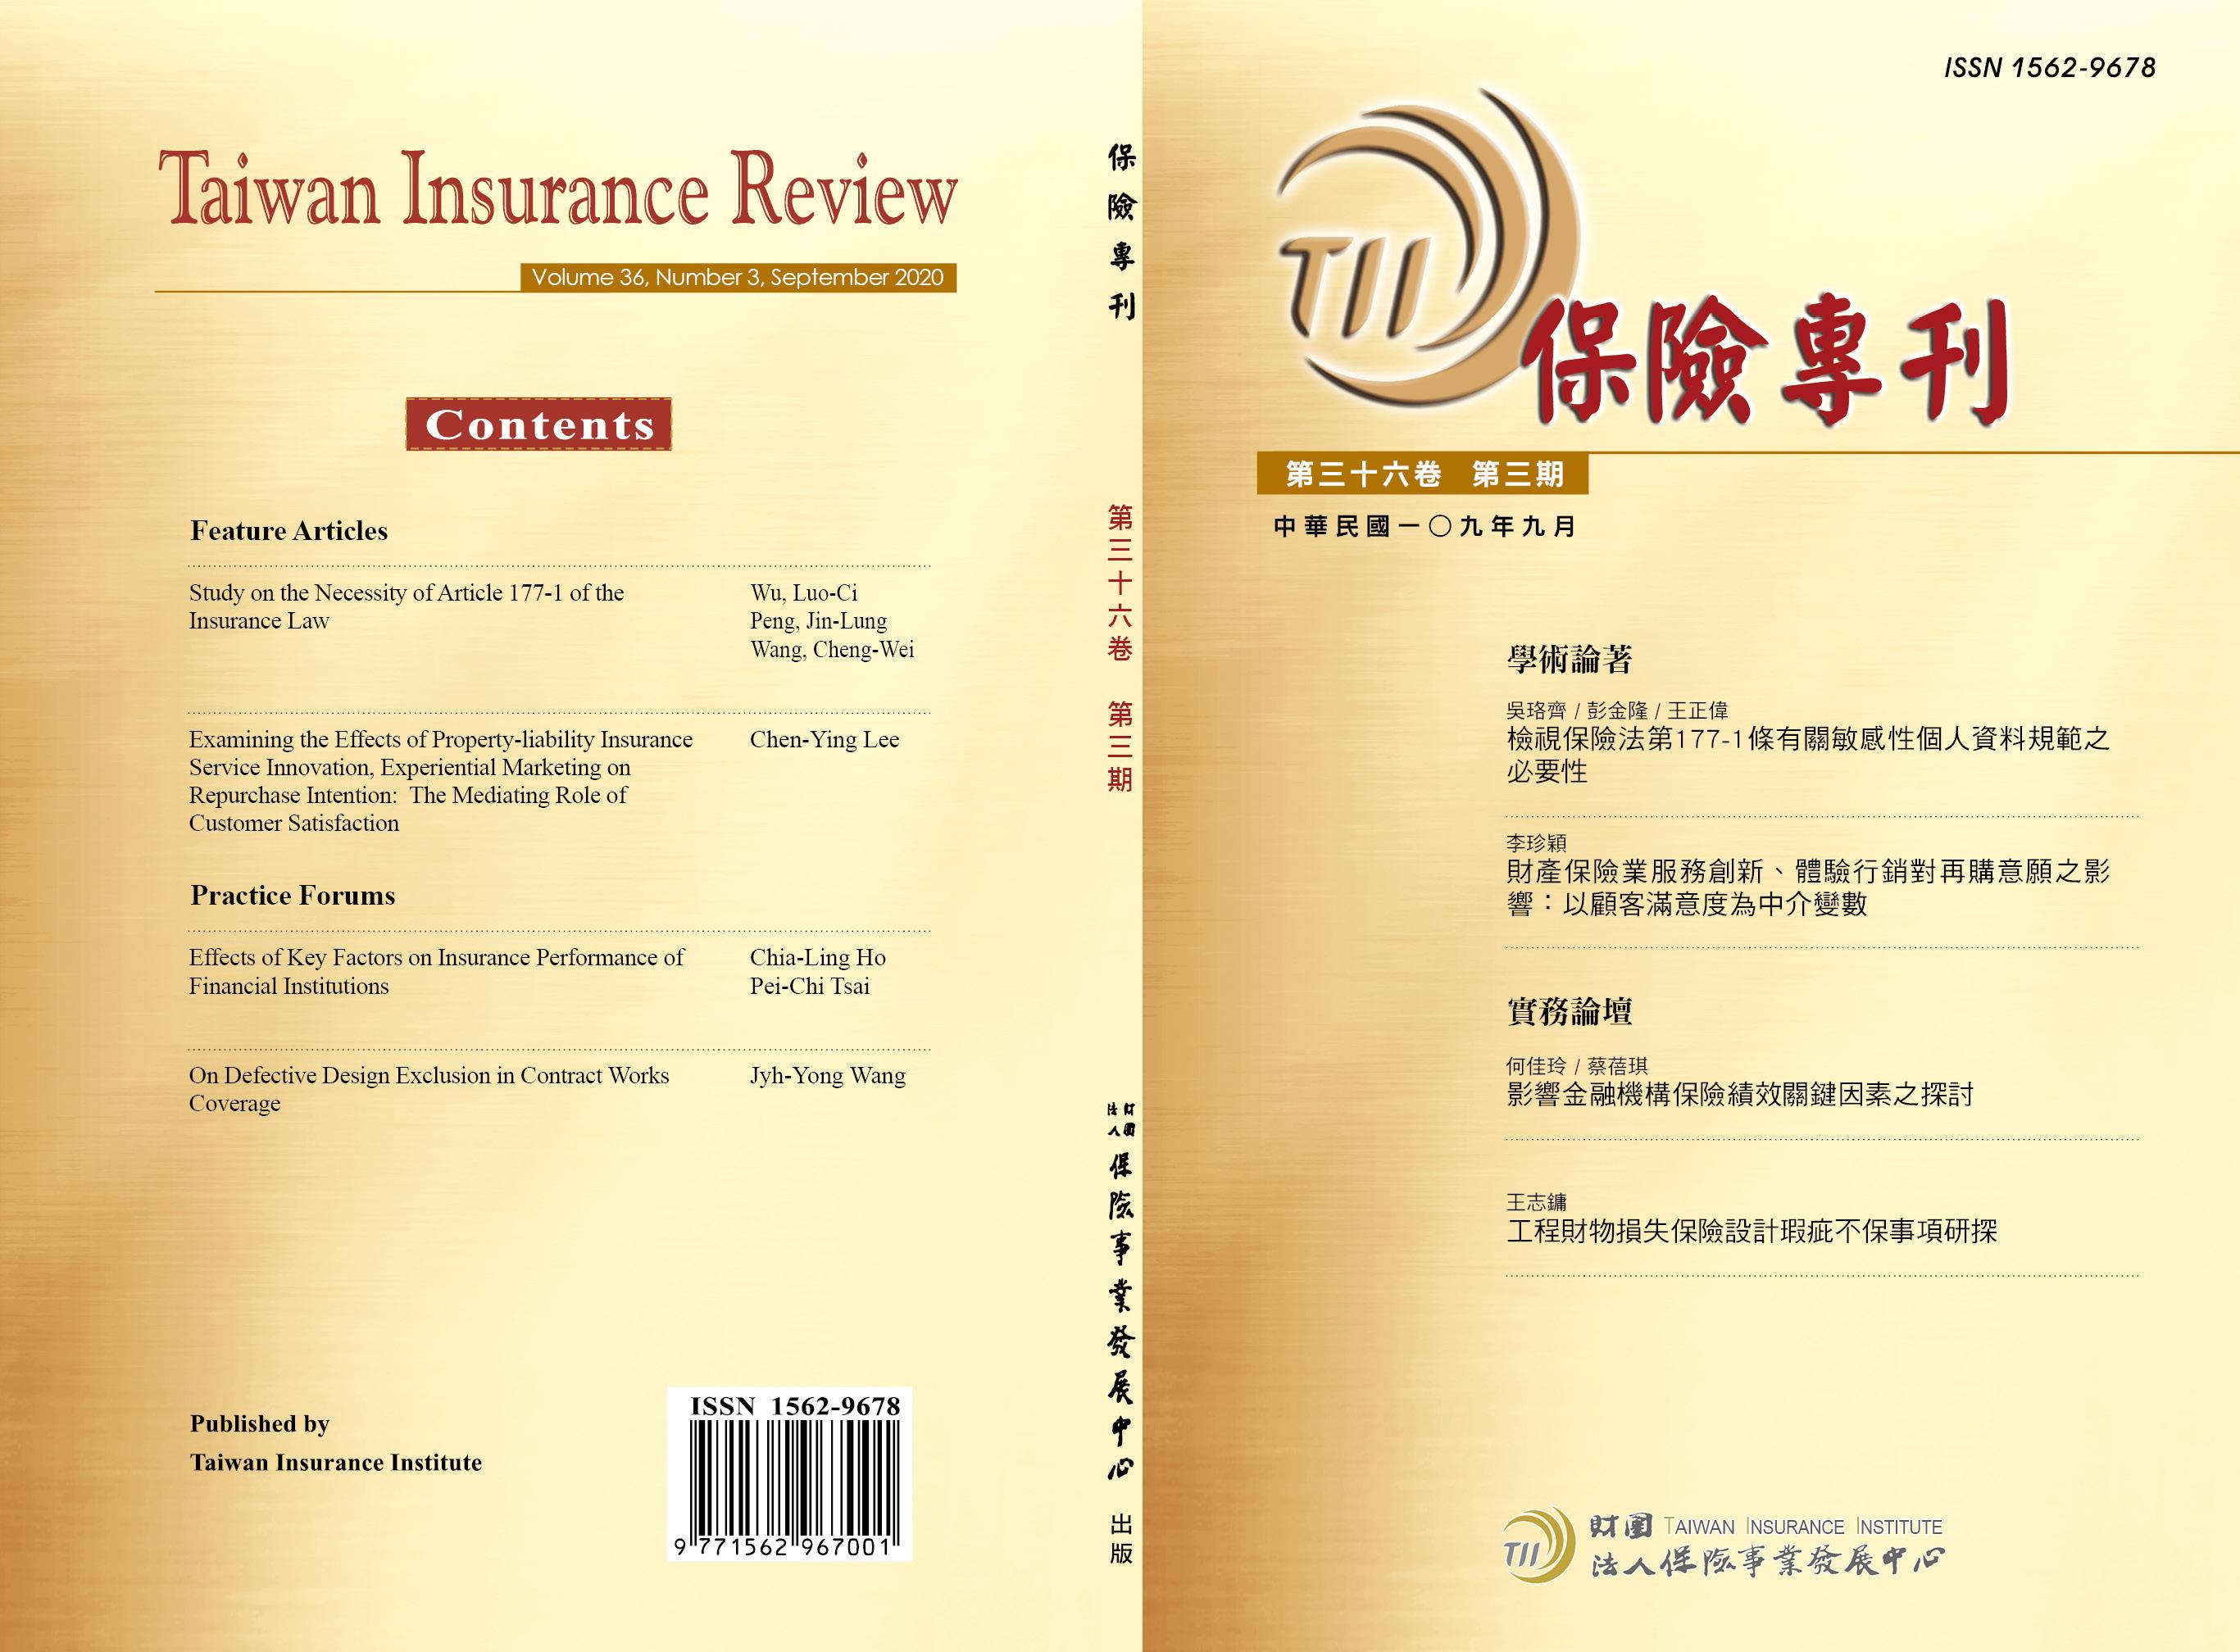 檢視保險法第177-1條有關敏感性個人資料 規範之必要性